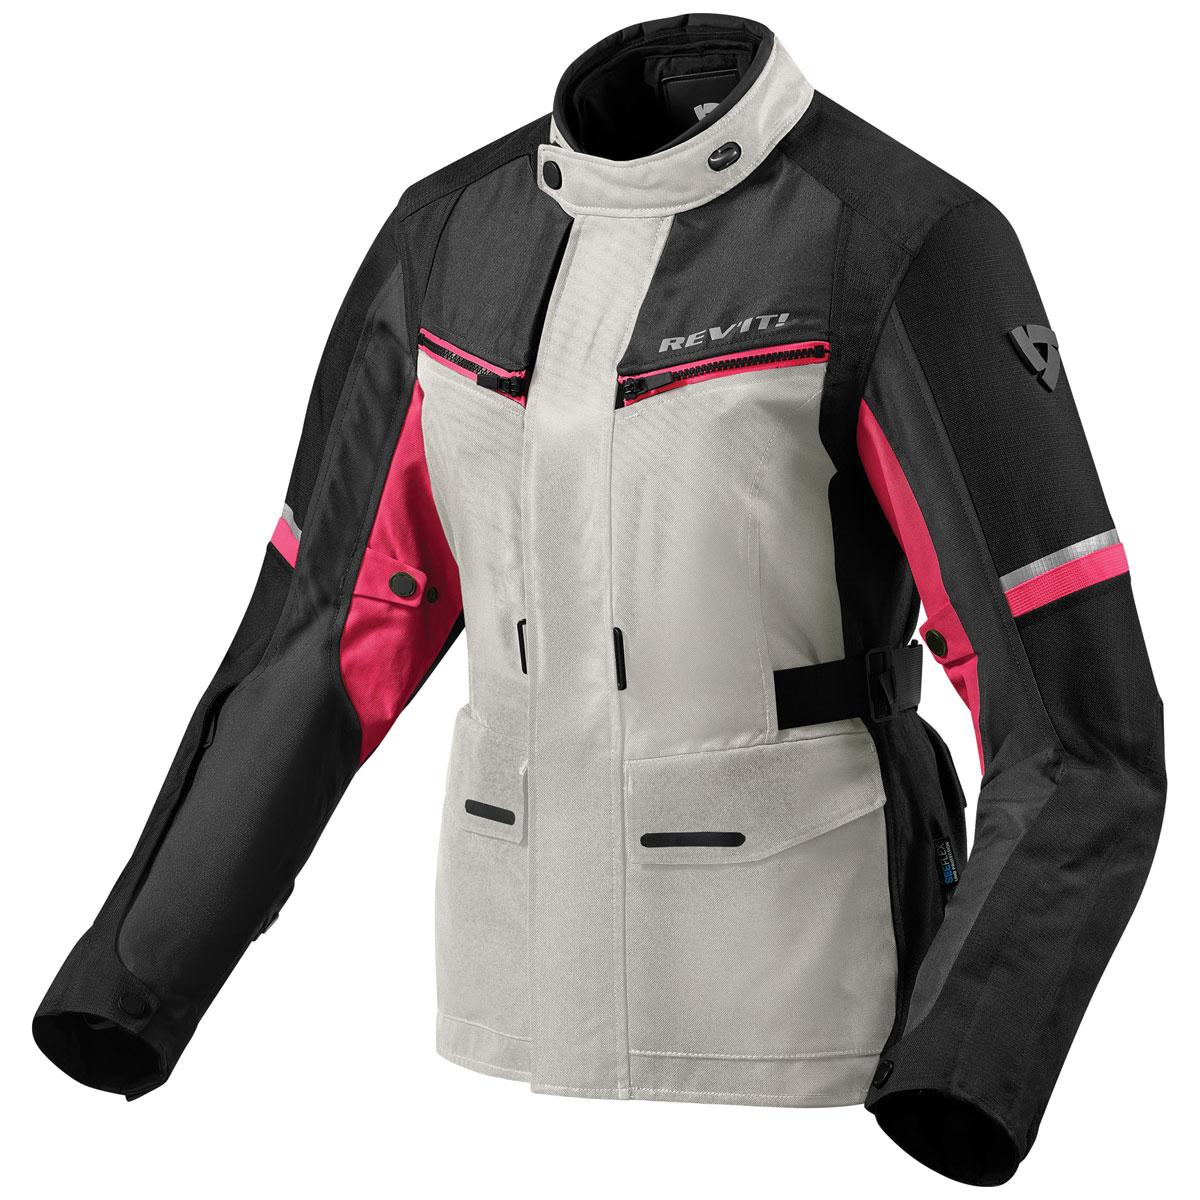 REV′IT! Women's Outback 3 Silver/Fuchsia Textile Jacket